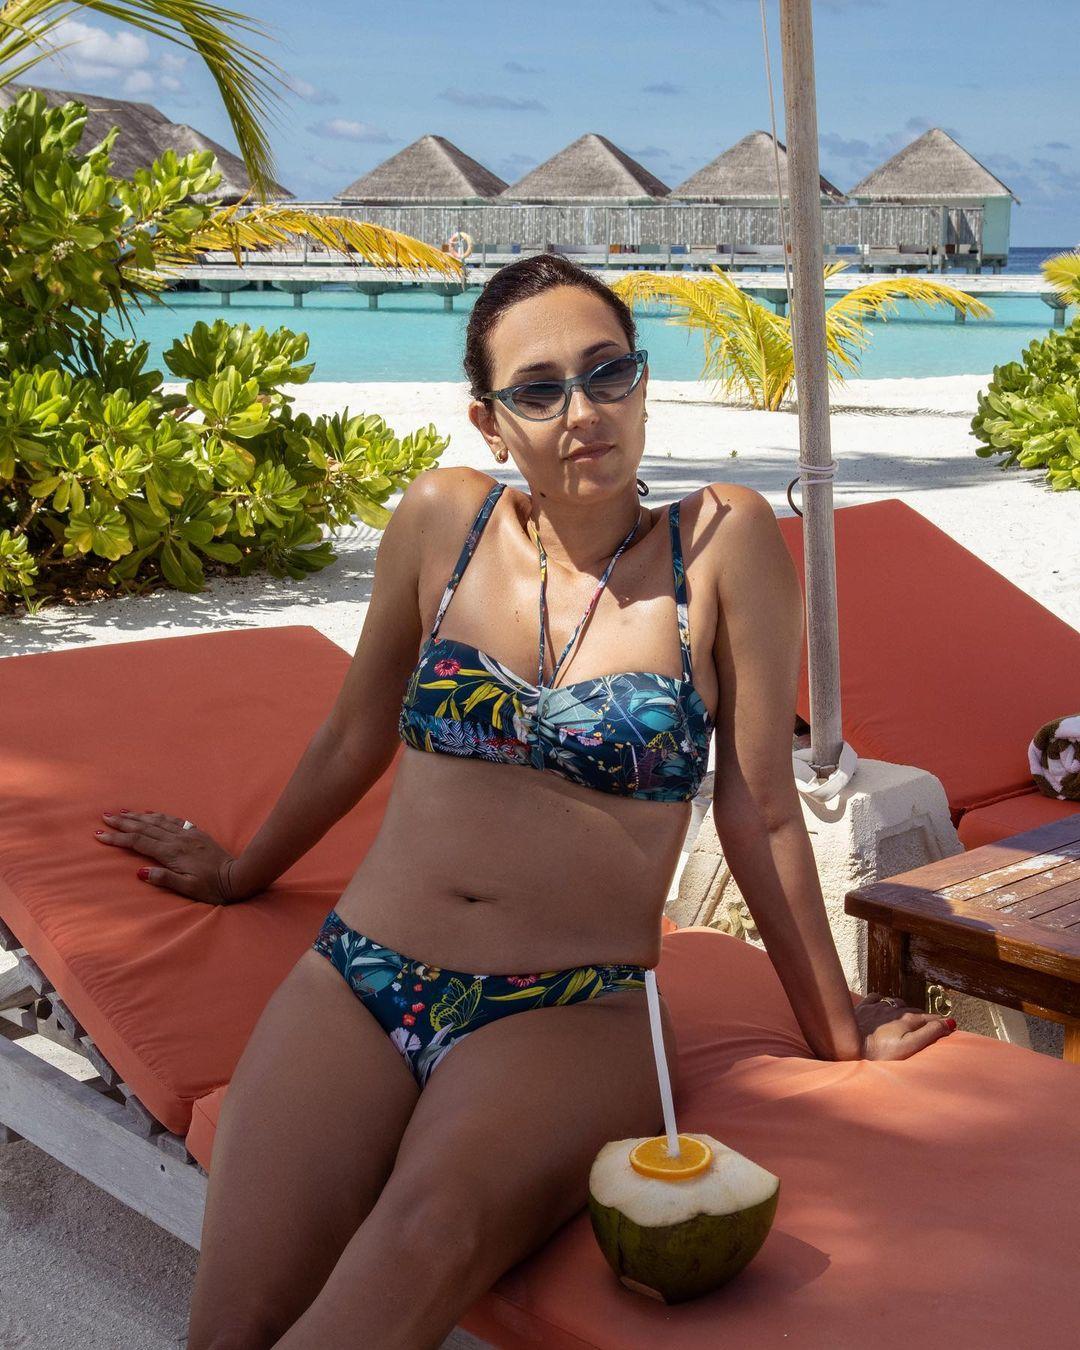 Caterina Balivo in spiaggia con bellissimo bikini della Triumph